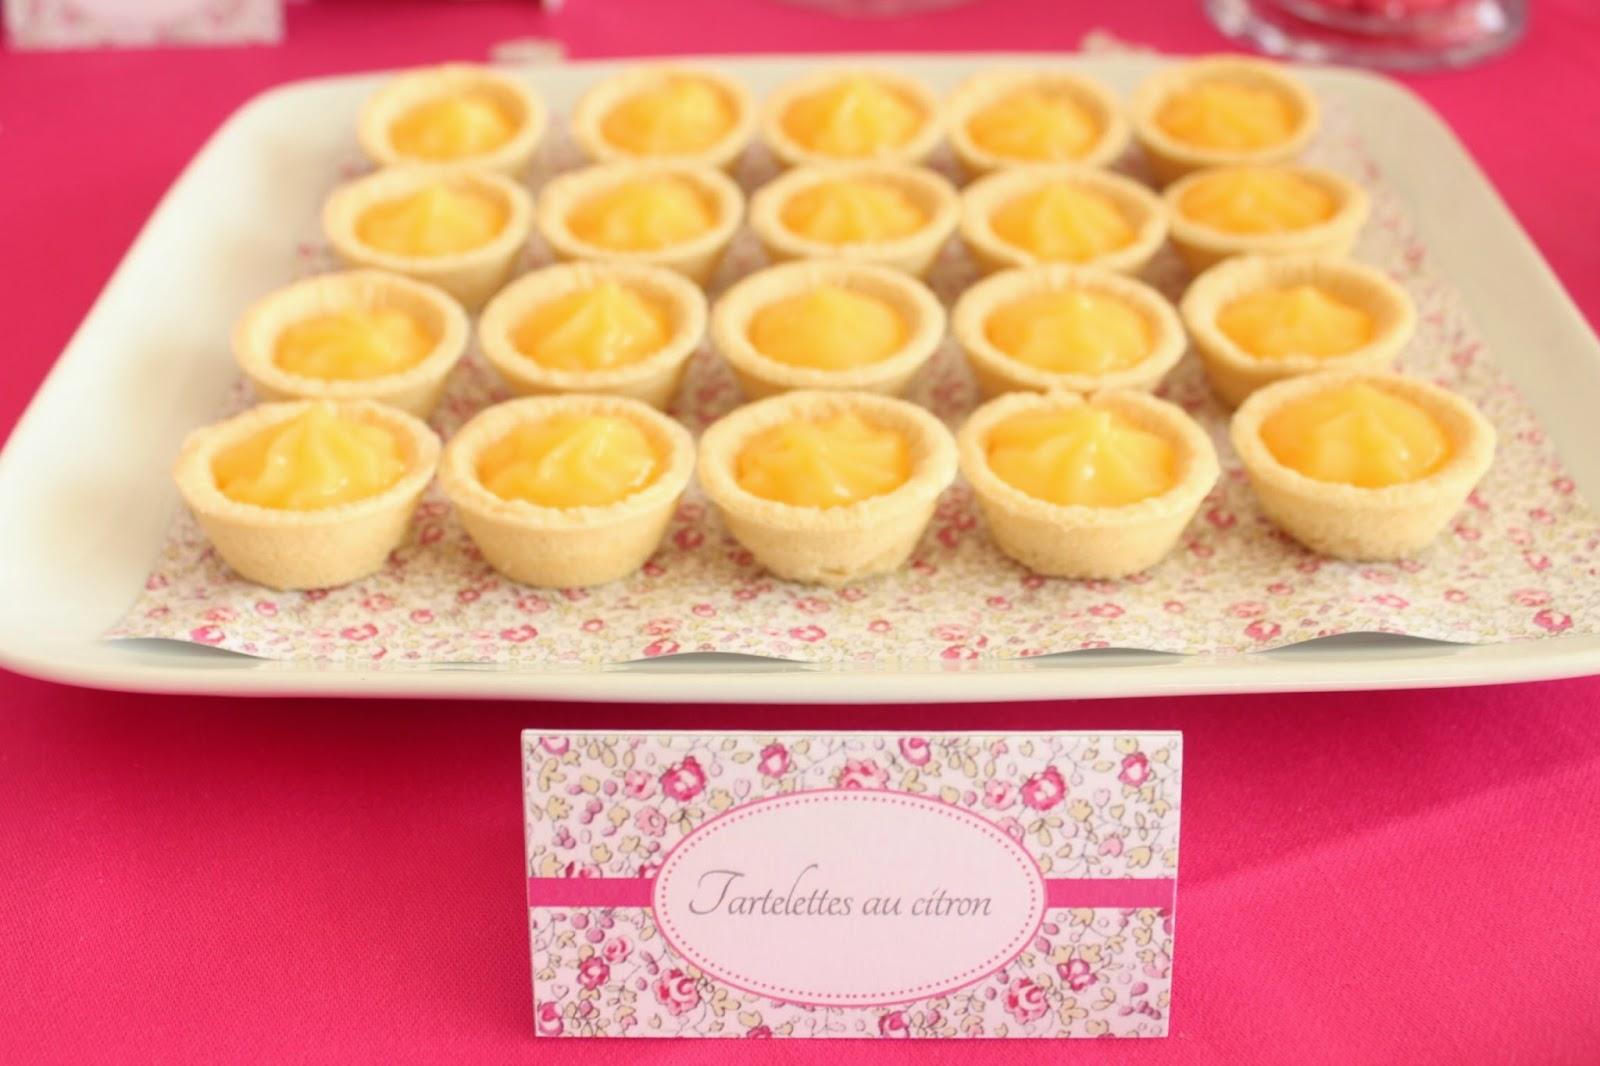 Mini tartelette au citron sur decoration fleuri